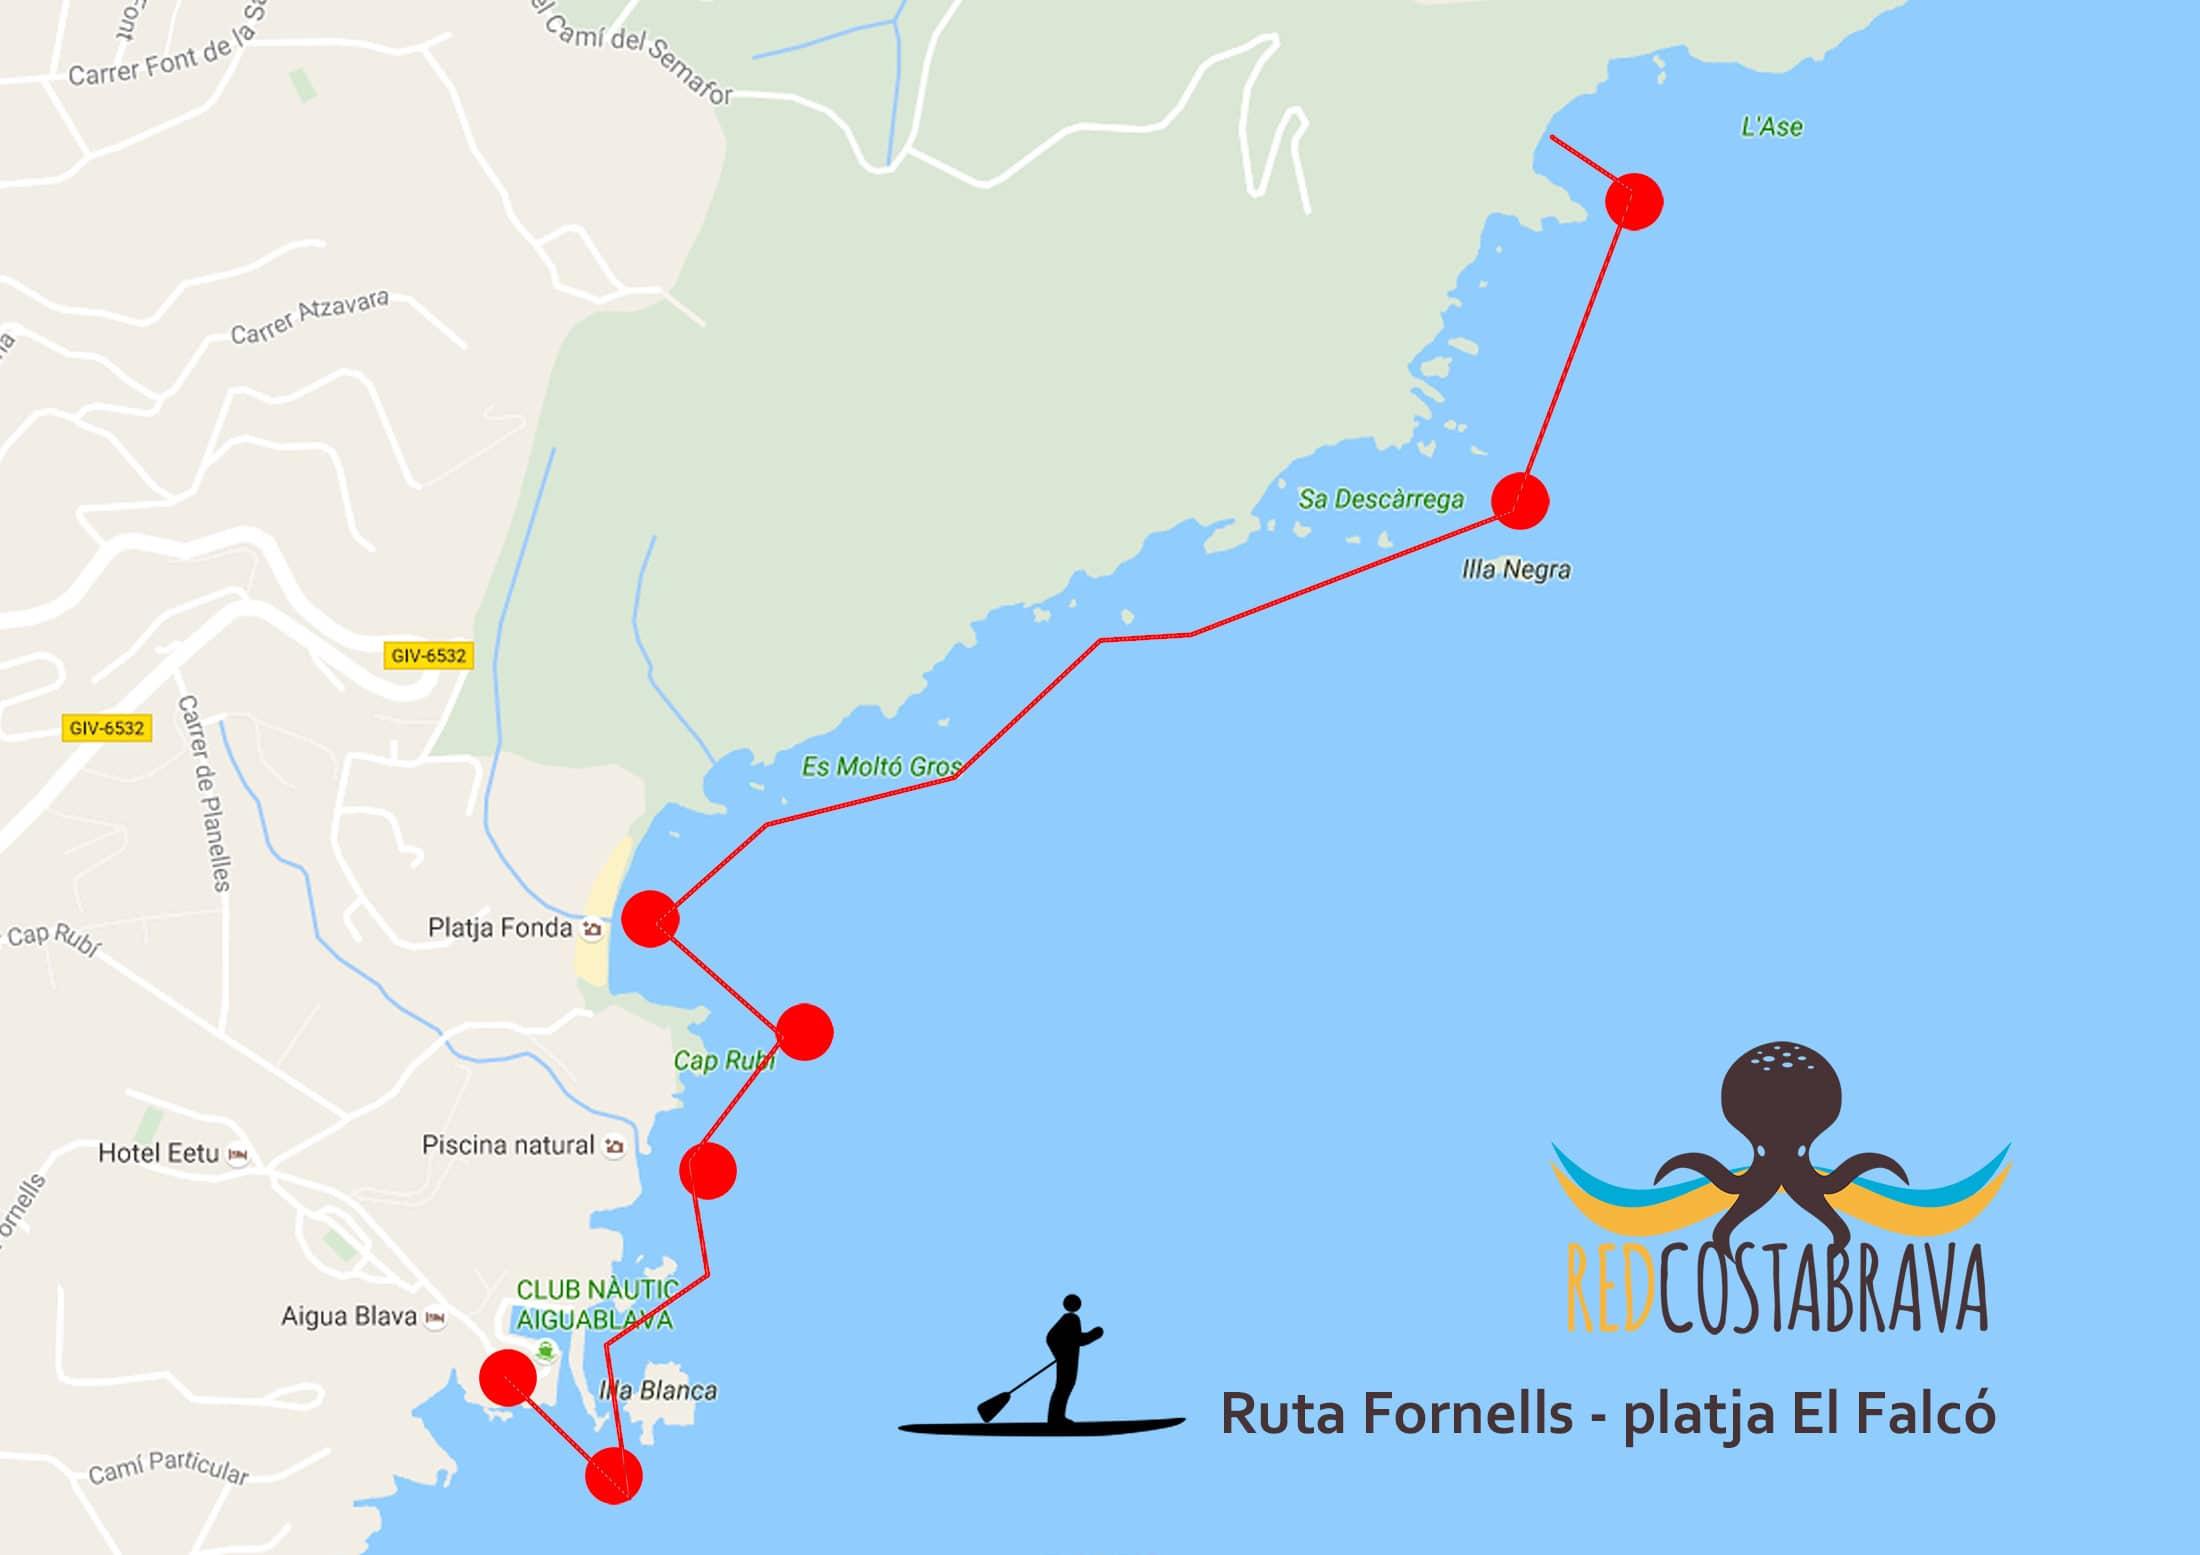 MAPA - Ruta desde Fornells a la playa El Falcó